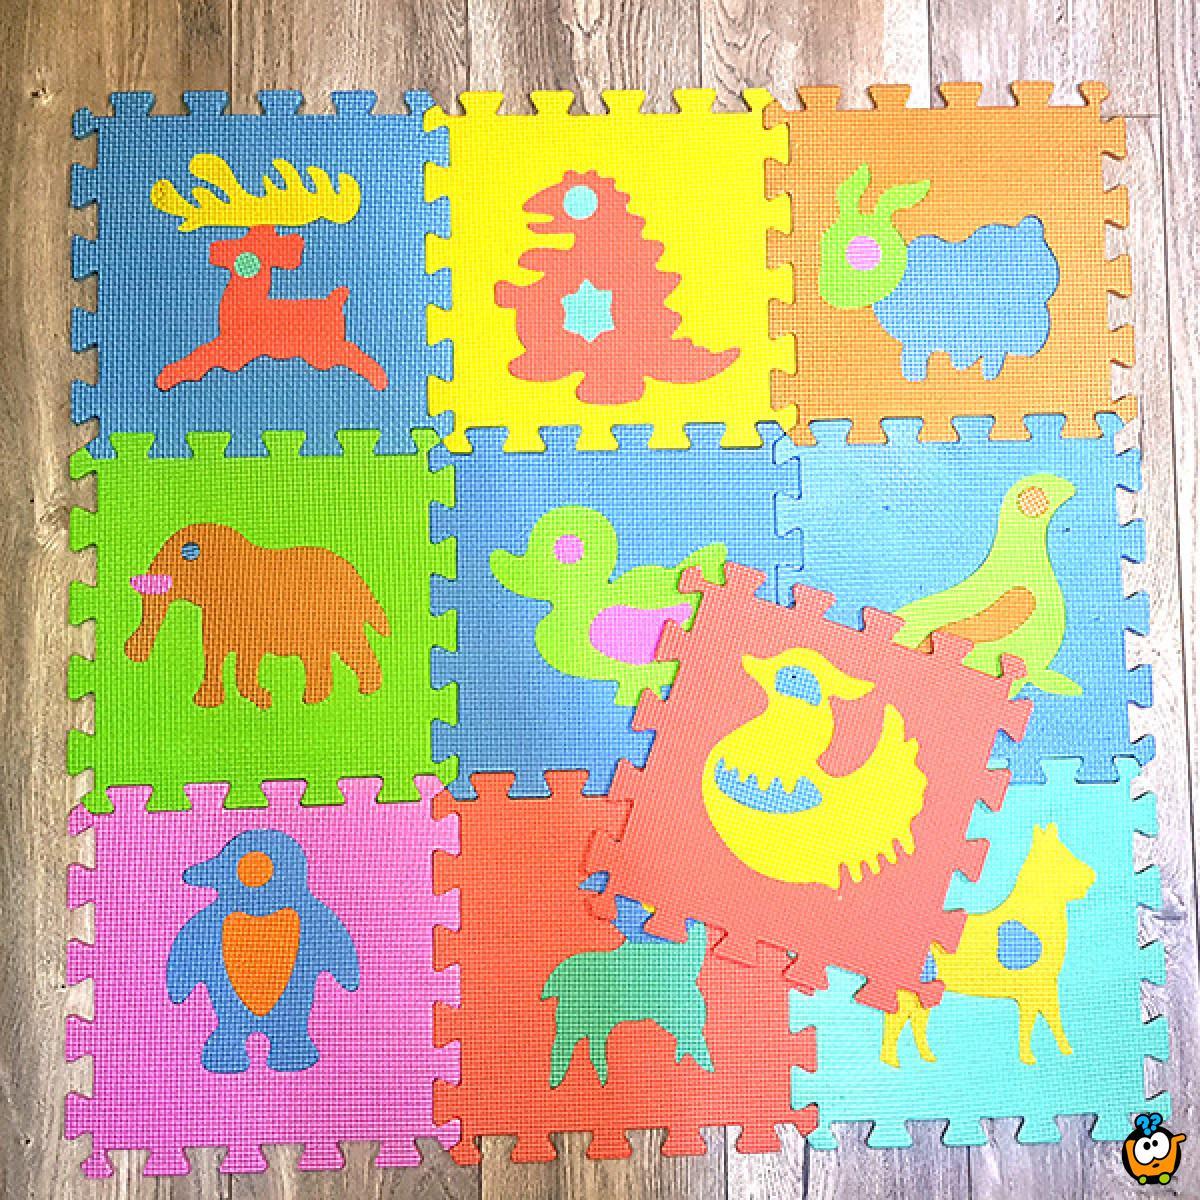 Dečije podne slagalice za igru - Životinjsko carstvo - 10 komada 30x30 cm